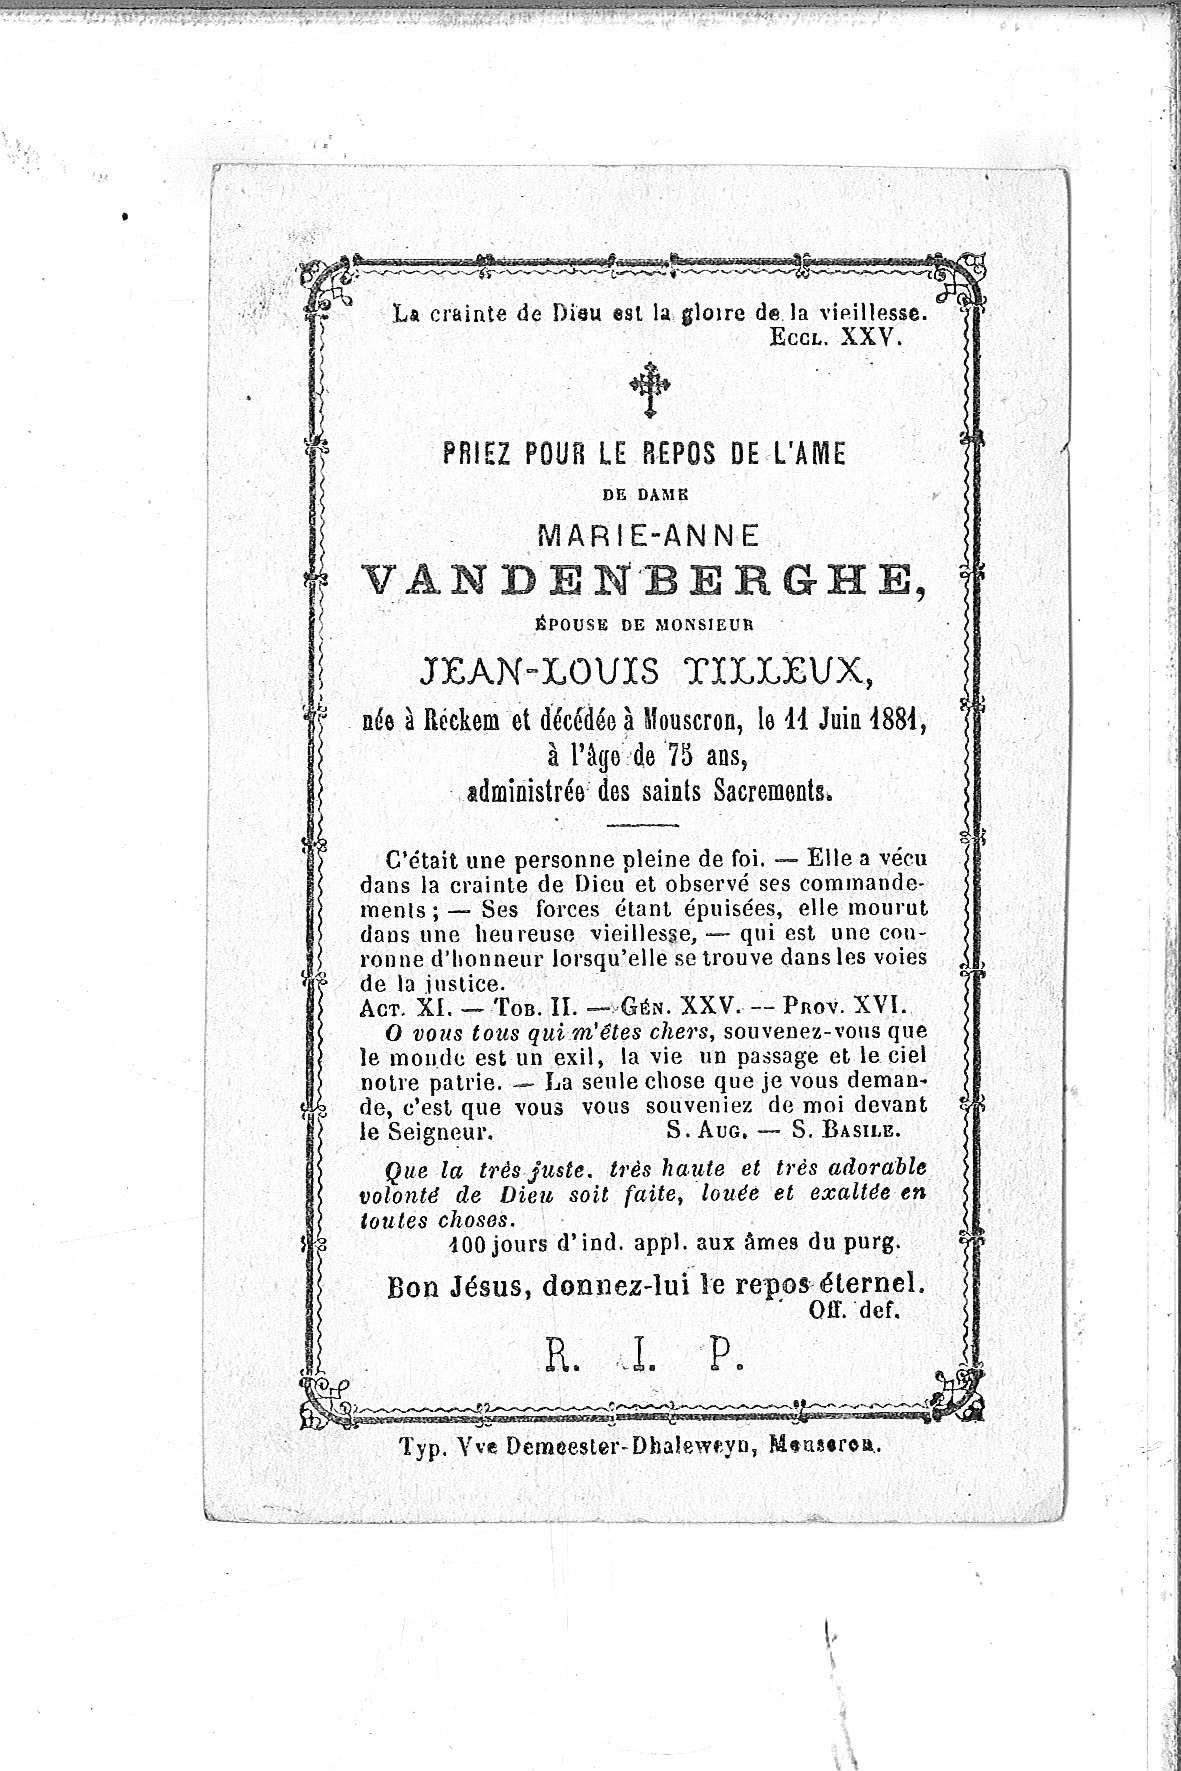 Marie-Anne(1881)20140718133507_00031.jpg